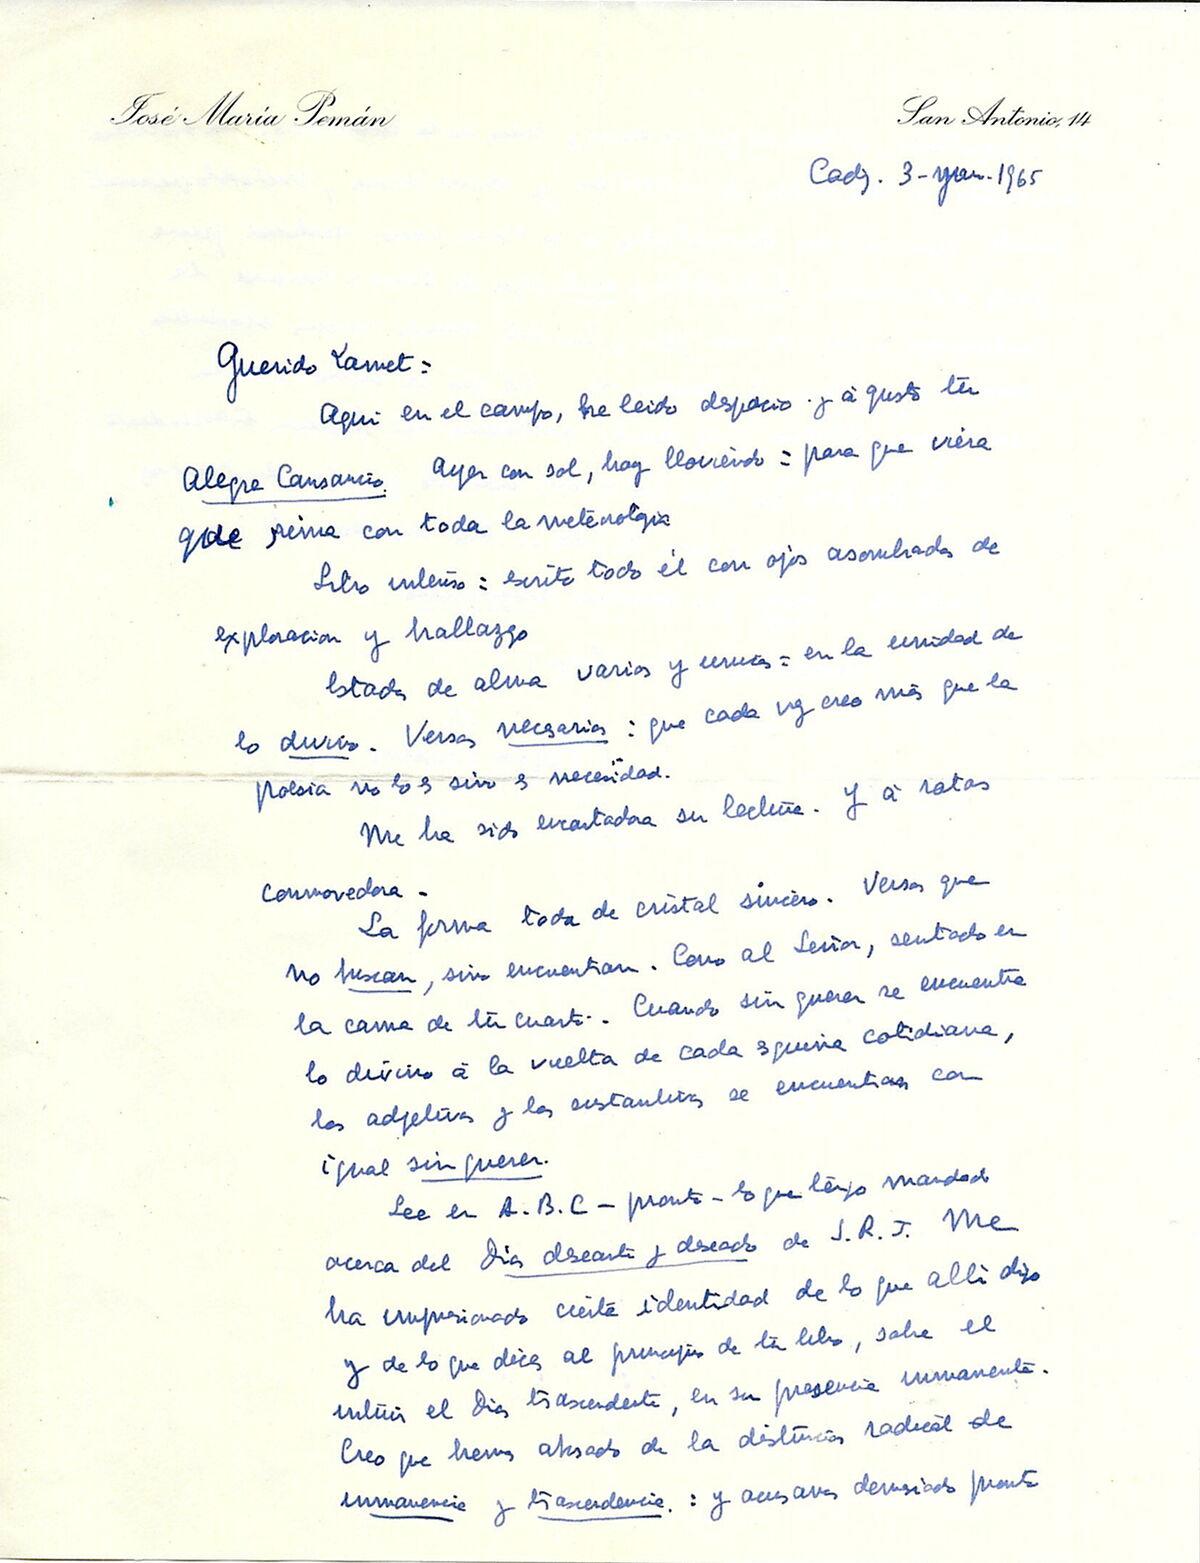 Primera parte de la carta escrita por Pemán a Pedro Miguel Lamet, con fecha en el encabezamiento de 1965.